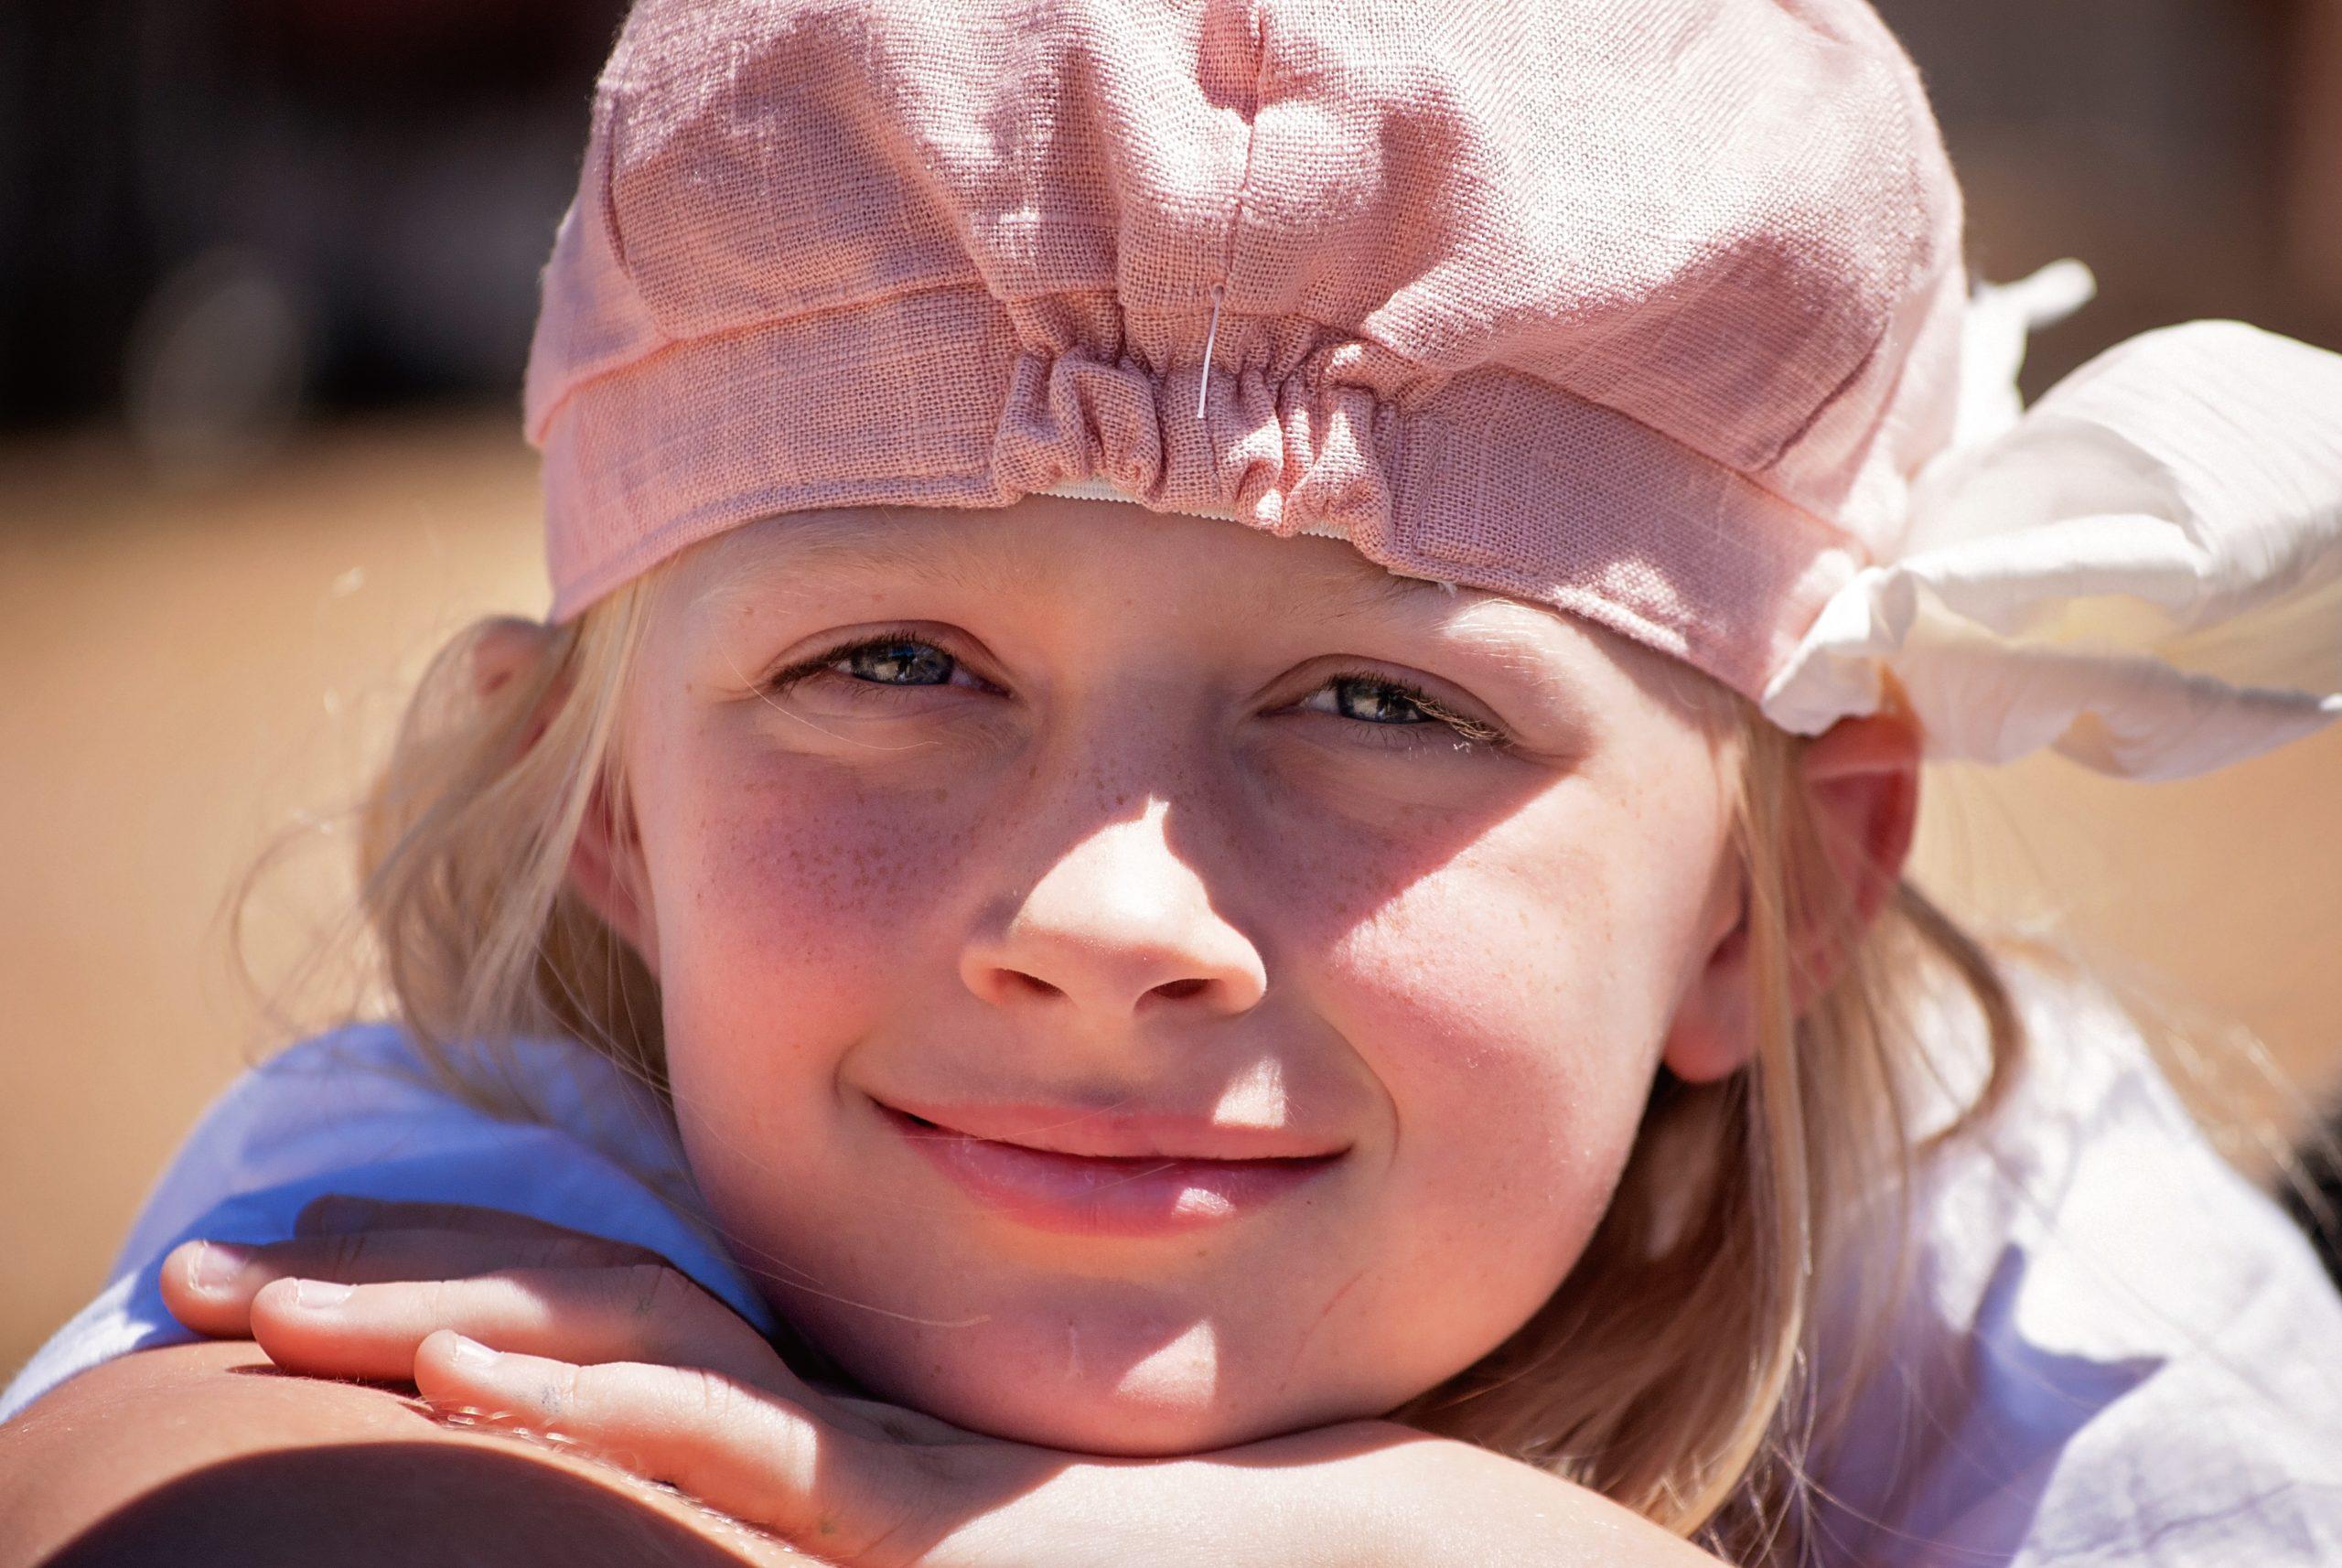 慈愛深い笑顔を浮かべた女の子